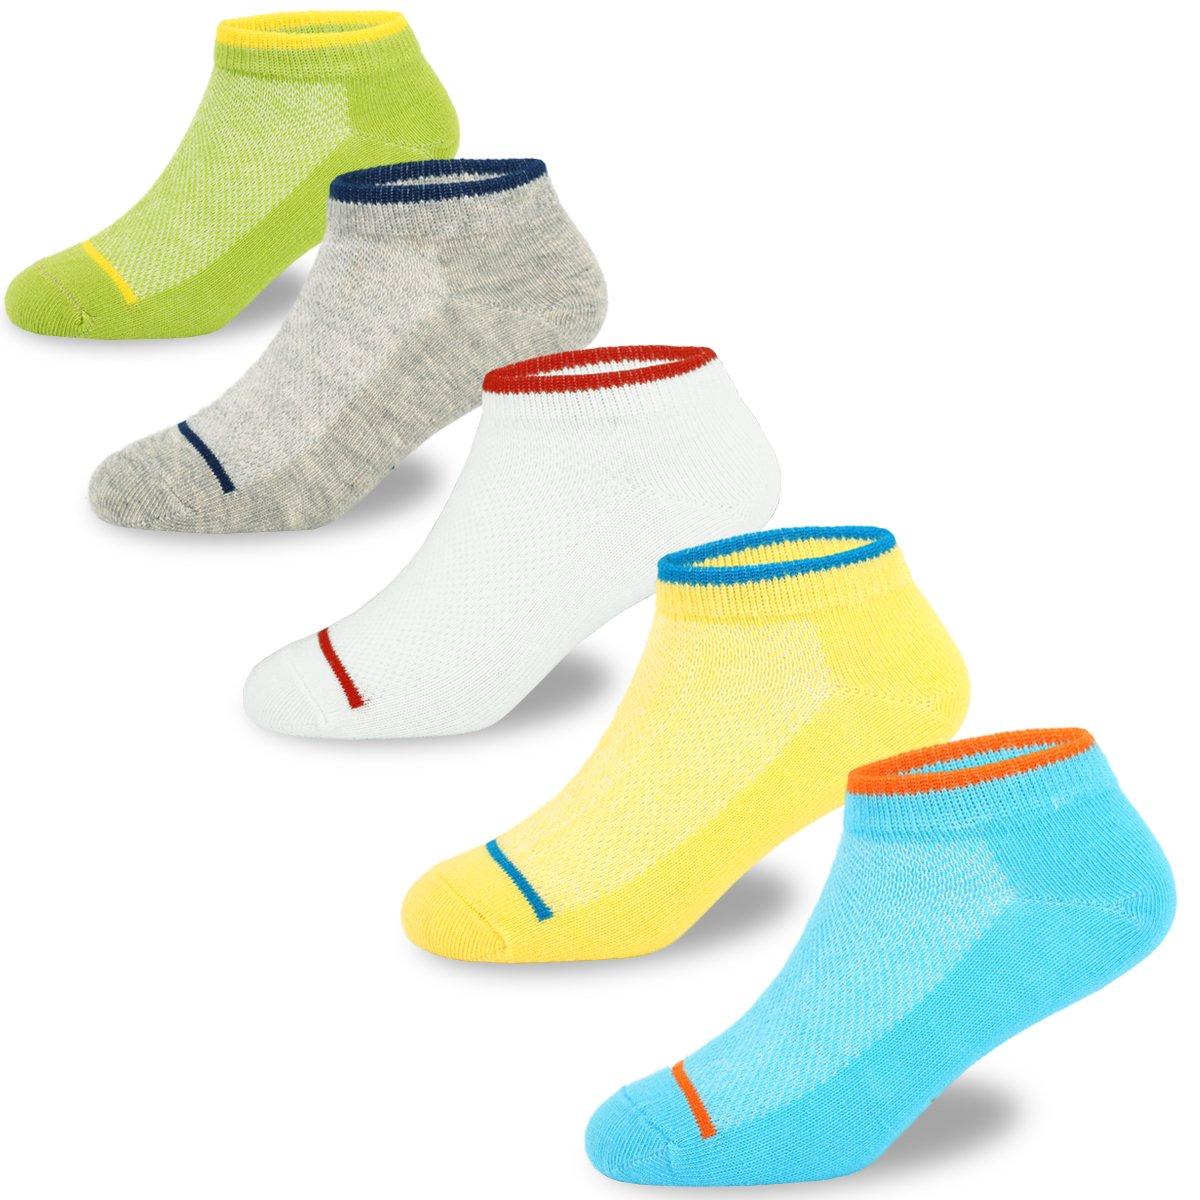 Boys Cotton Socks Kids Summer Breathable Short Socks 5 Pack 8-12 Years